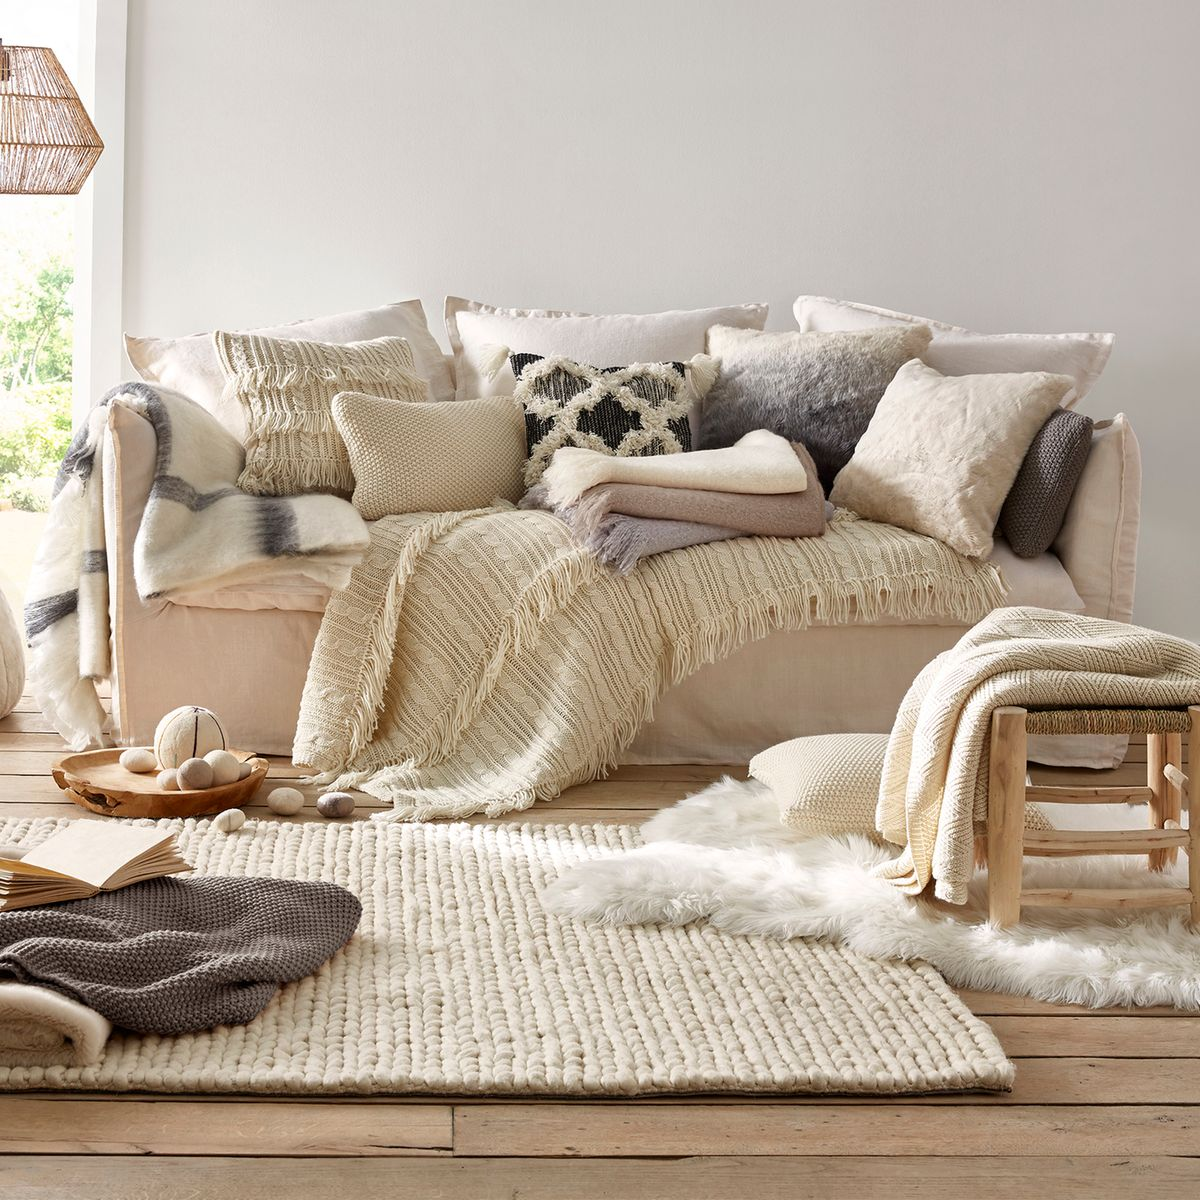 canapé lin multitude plein coussins coton laine mélange salon tendance hiver cocooning design